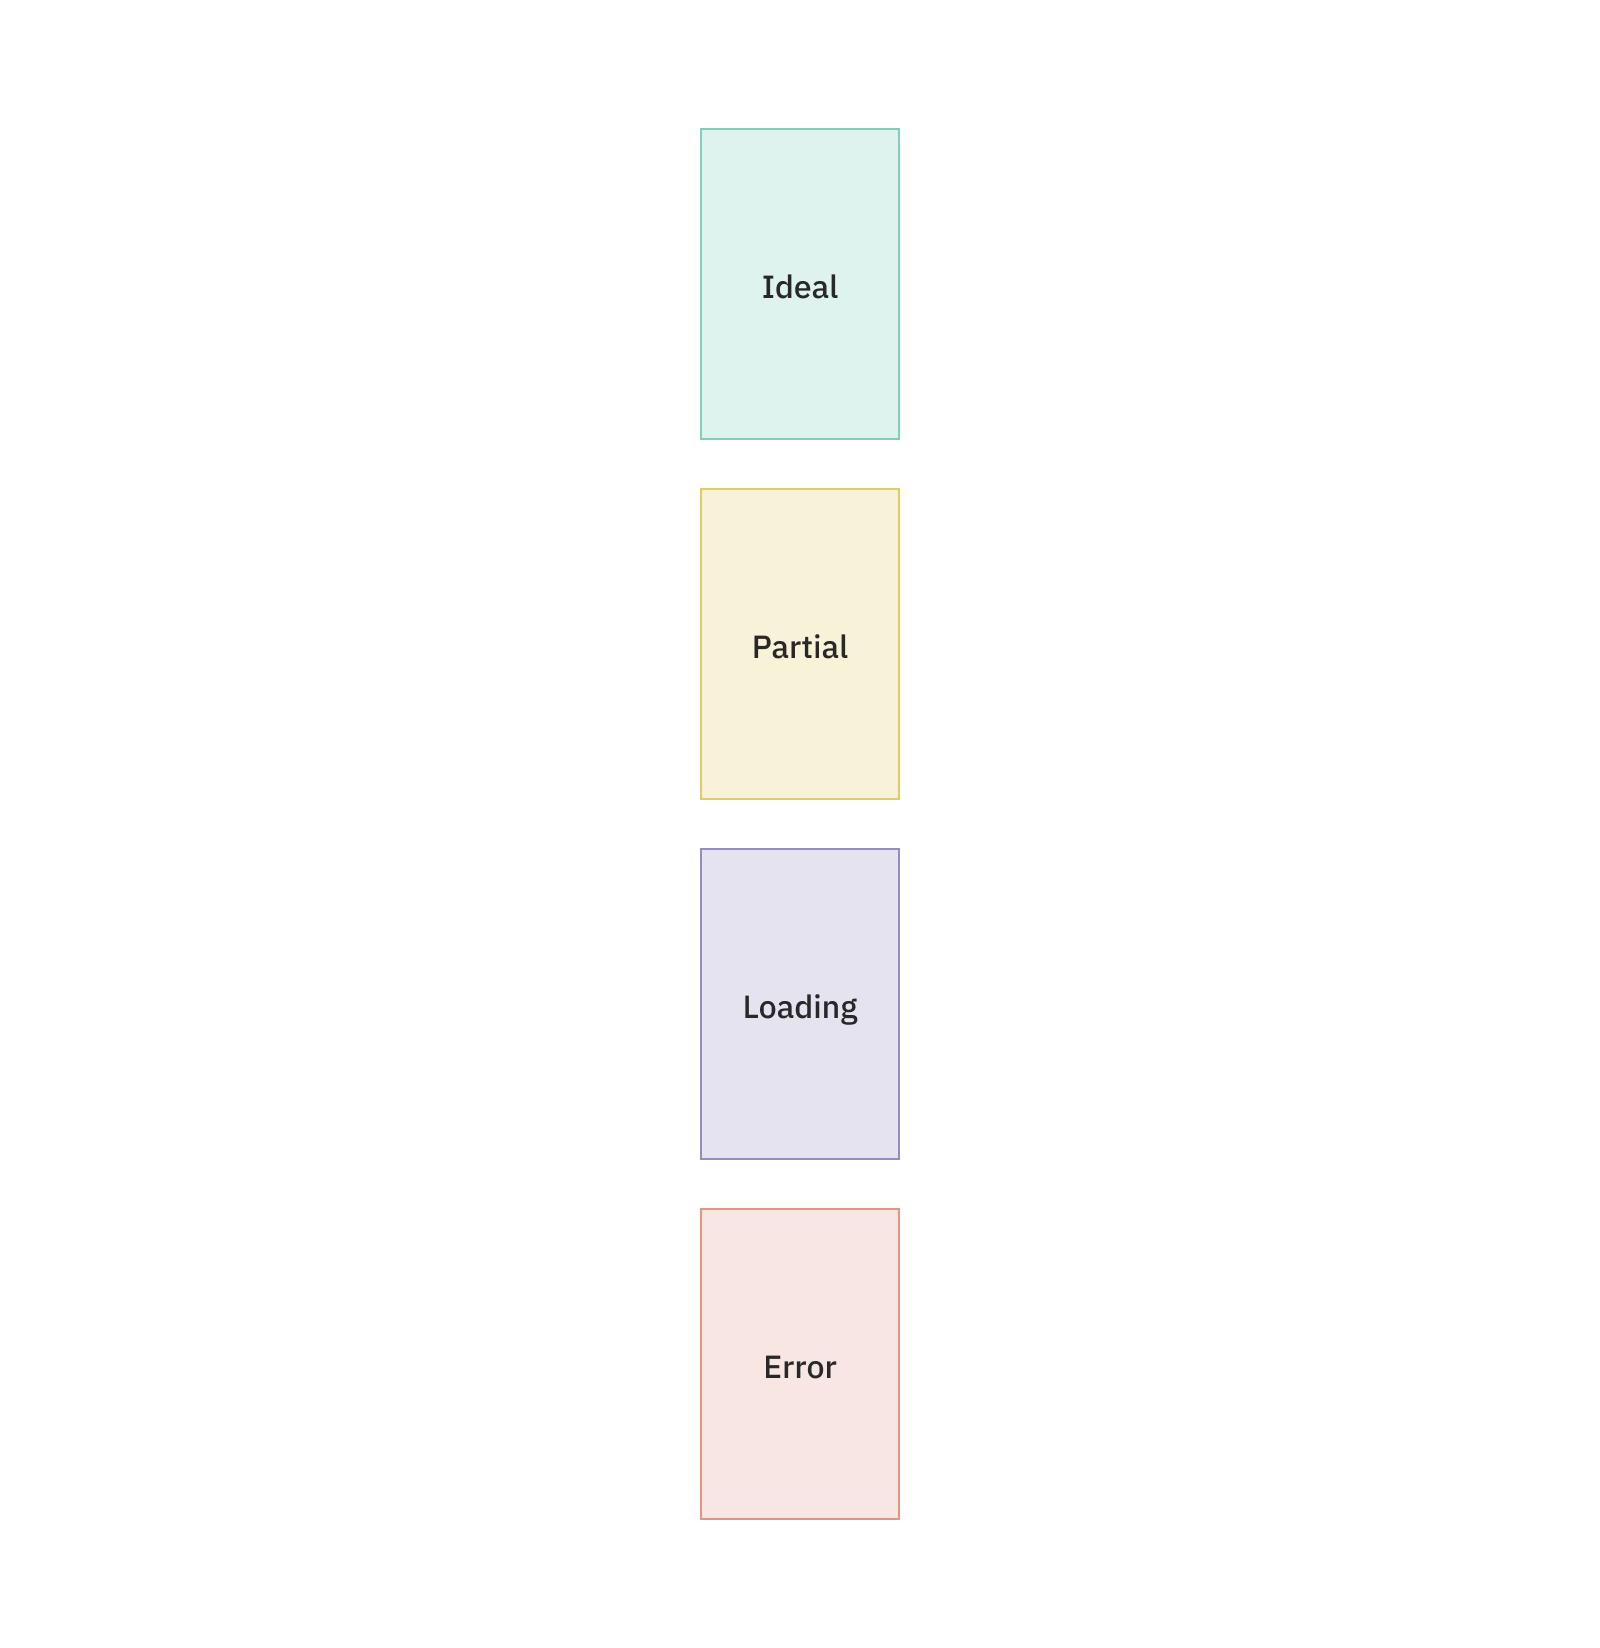 一系列代表垂直分隔的屏幕的色块